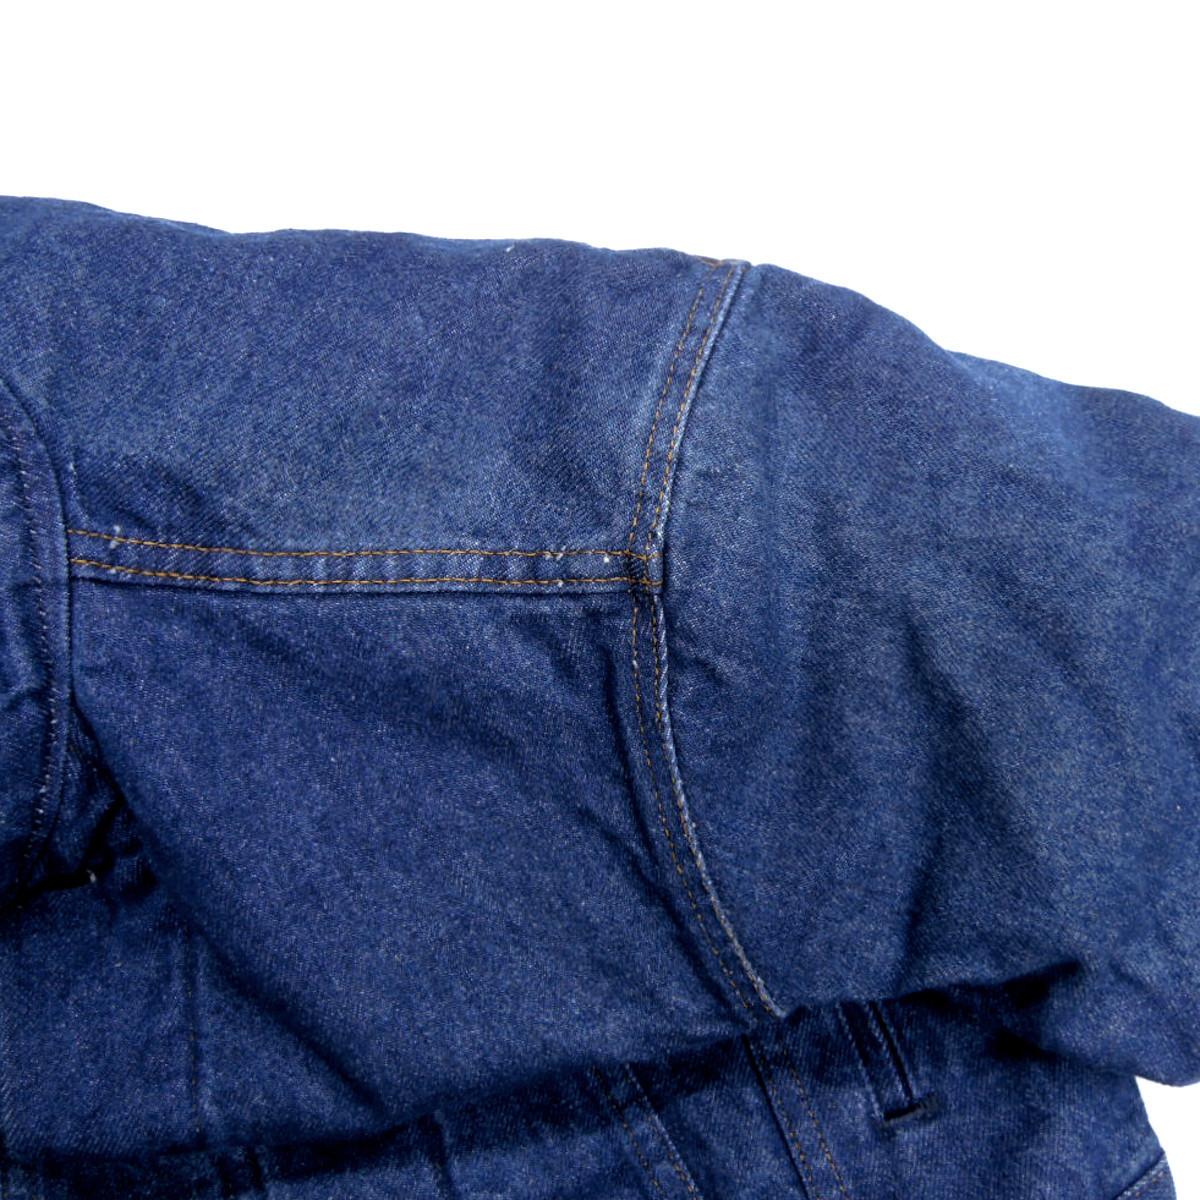 ☆送料無料☆ デッドストック 80s ビンテージ LEVIS リーバイス 70506 USA製 デニム ジャケット Gジャン ジージャン ブランケット 古着_画像9